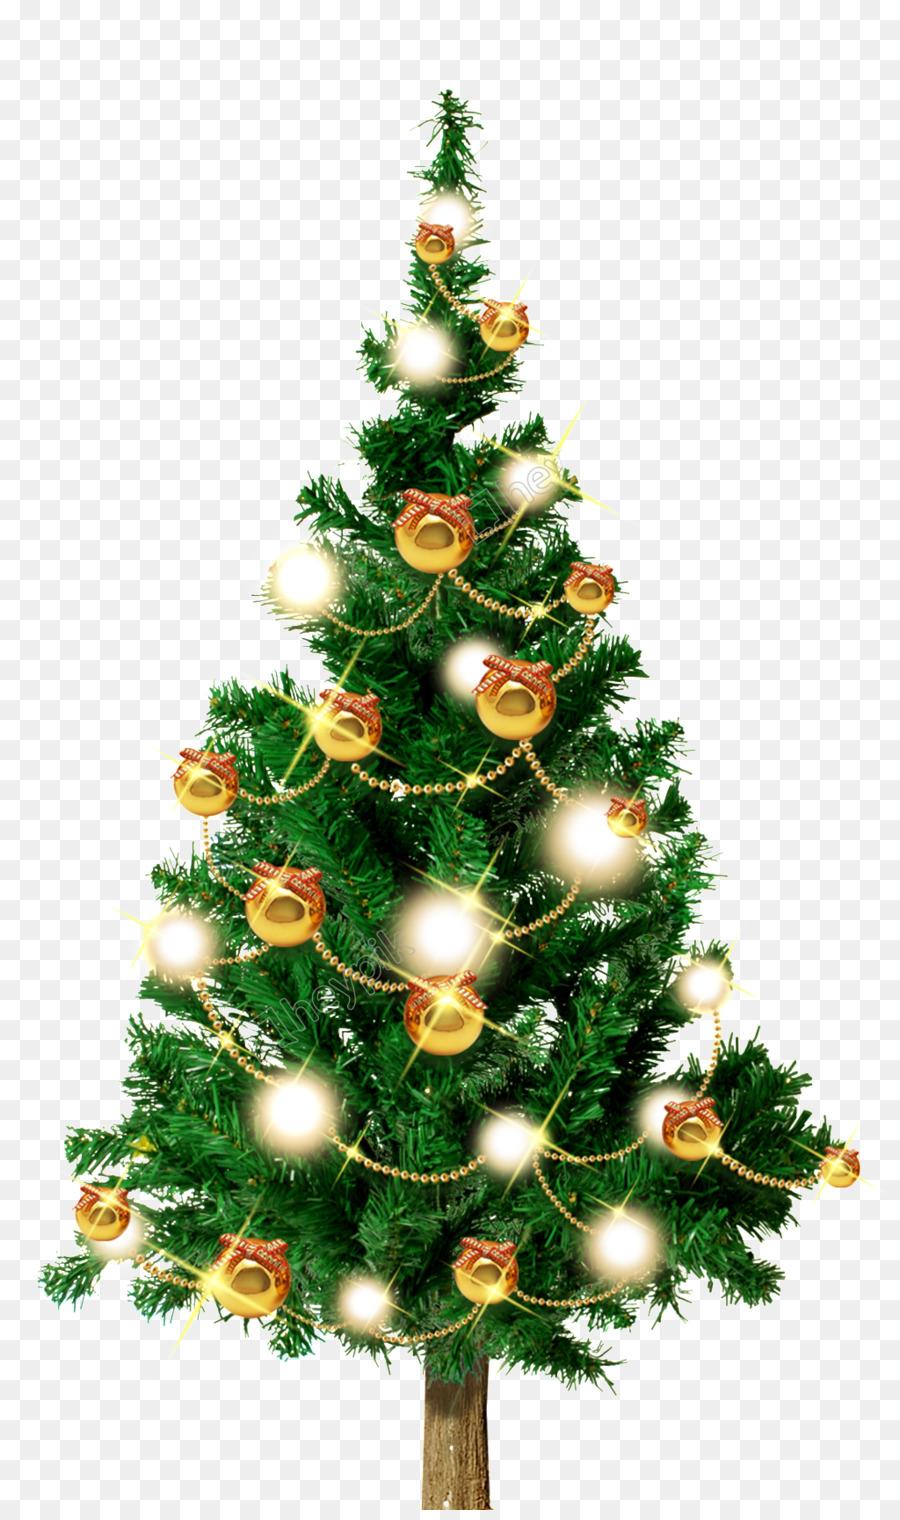 Descarga gratuita de árbol De Navidad, Abeto, Santa Claus Imágen de Png